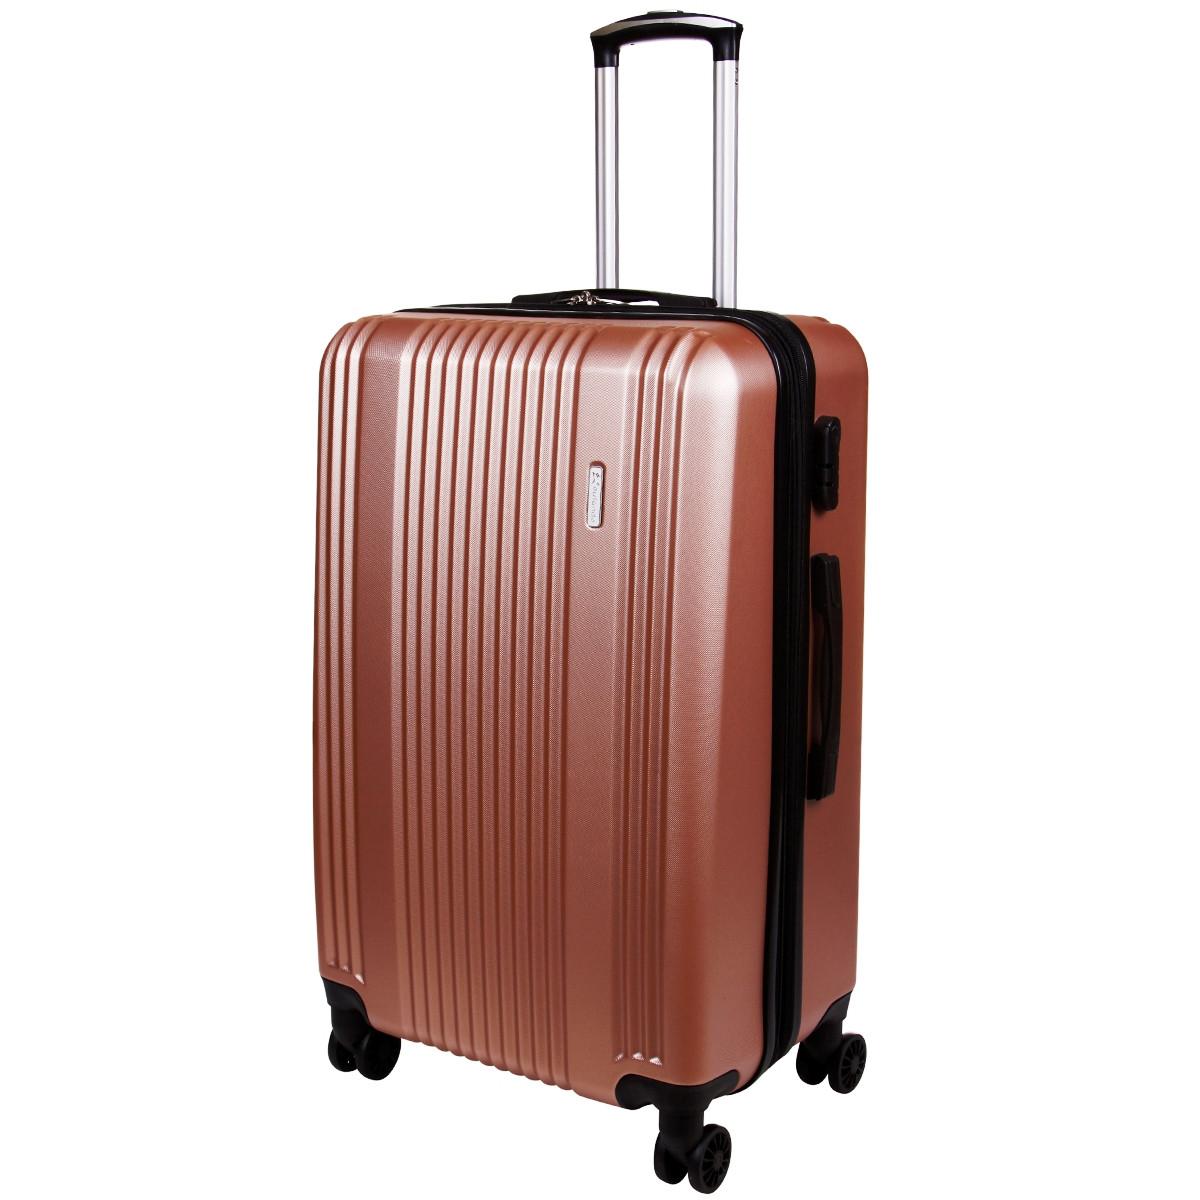 Чемодан OULANDO большой с расширением розовый пластик ABS 4 колеса 47х70х30(+3)  ксЛ516-28роз